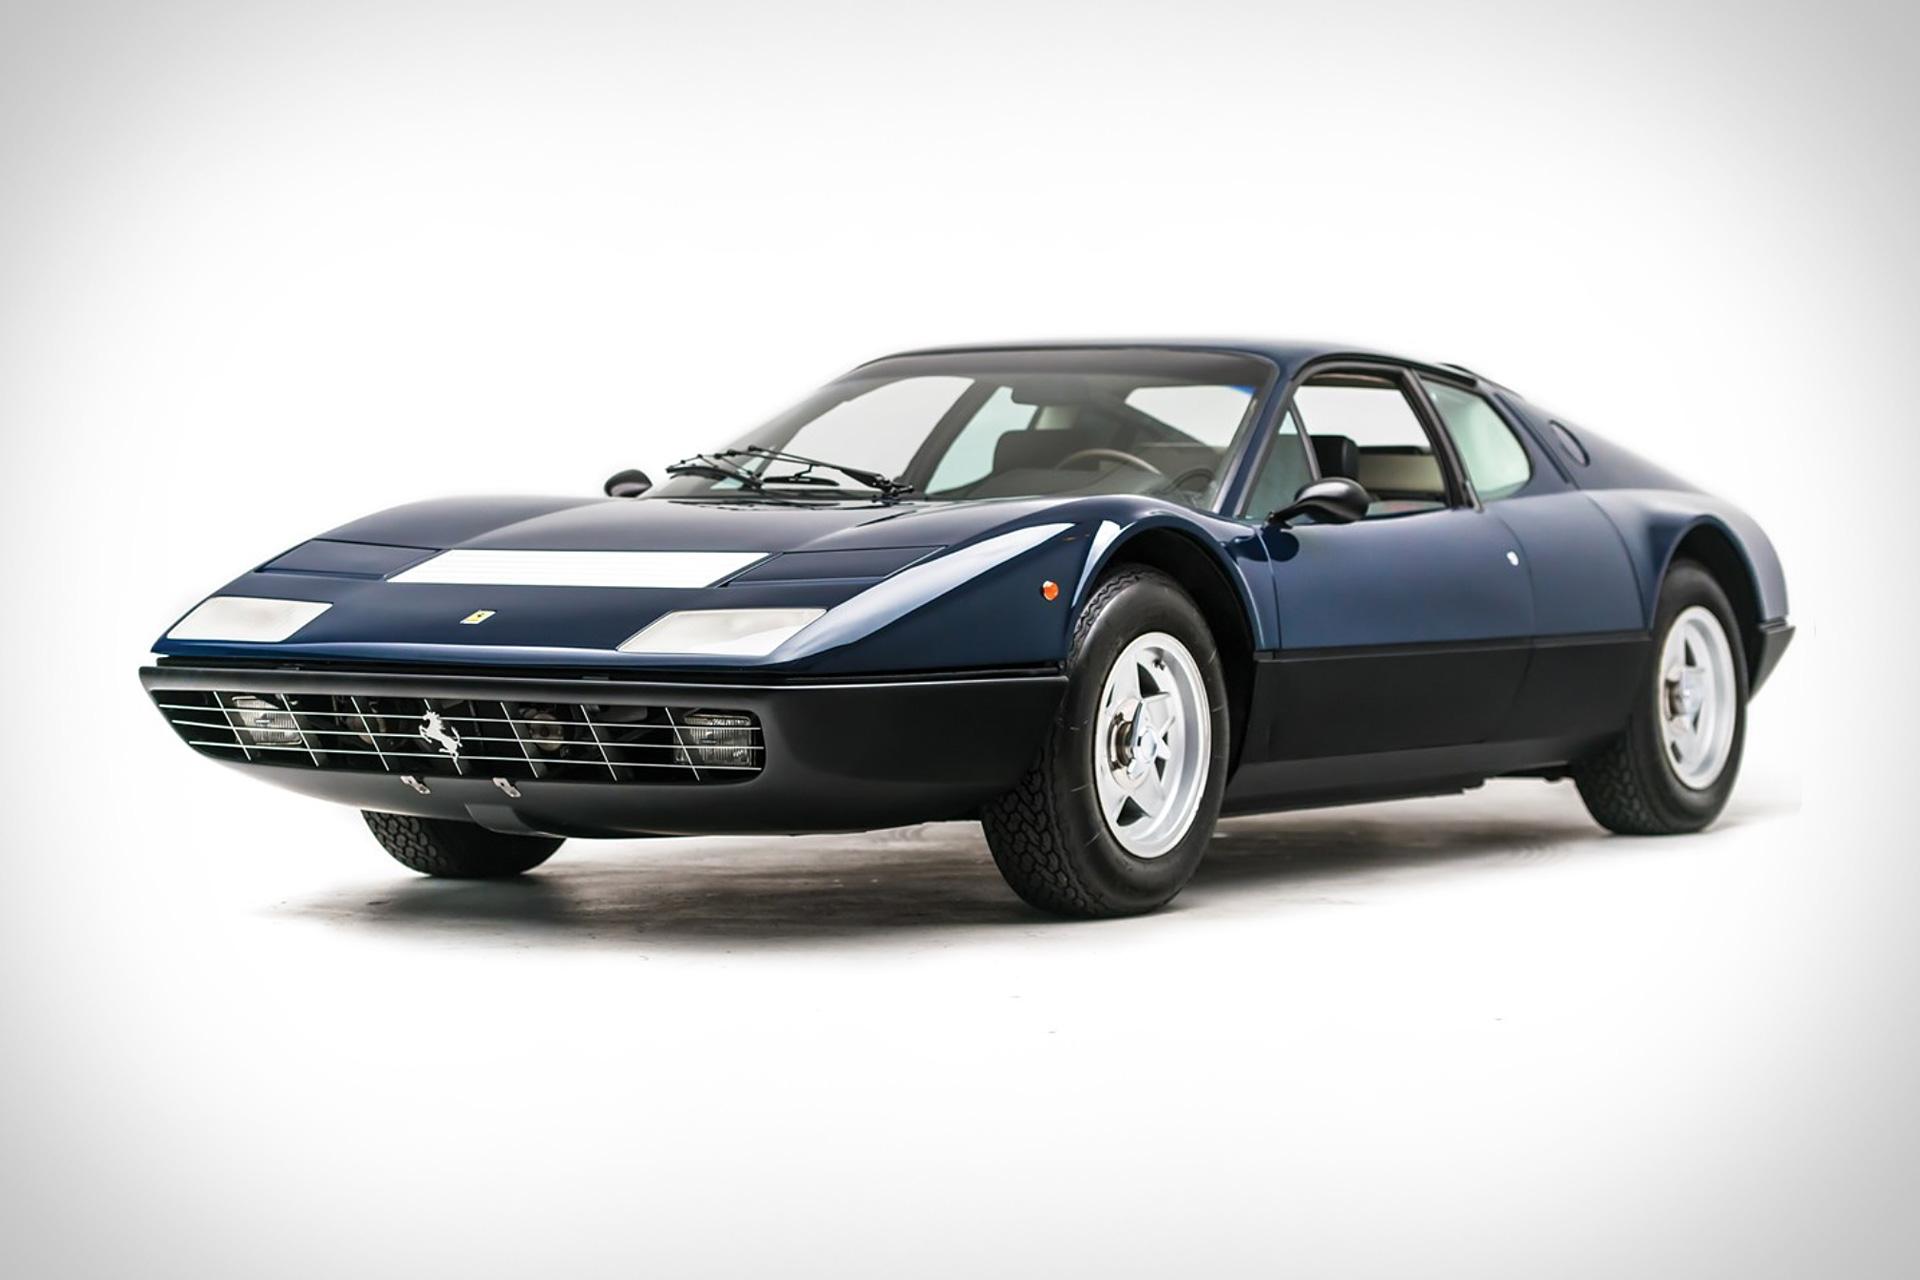 1975 Ferrari 365 GT4 BB